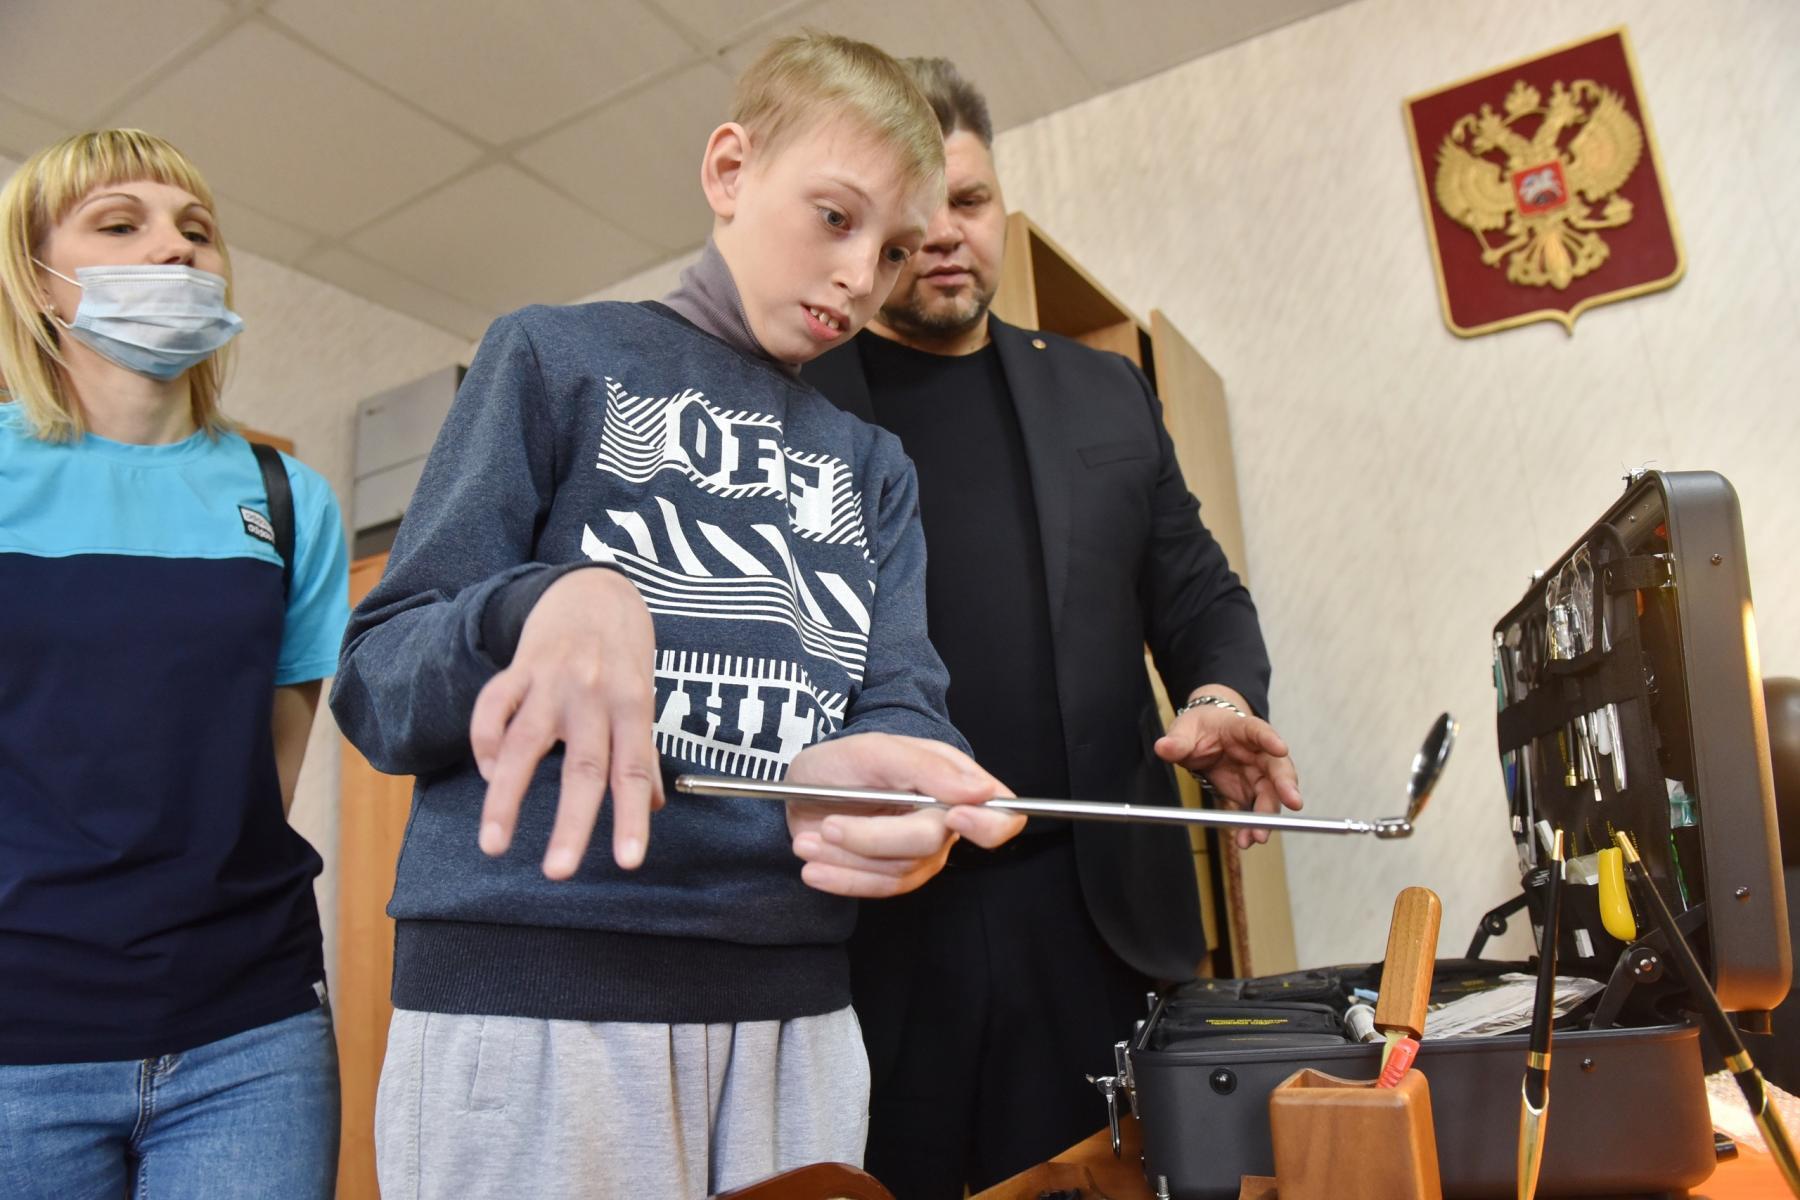 Фото Омские правоохранители провели индивидуальную экскурсию для мальчика с церебральным параличом 2